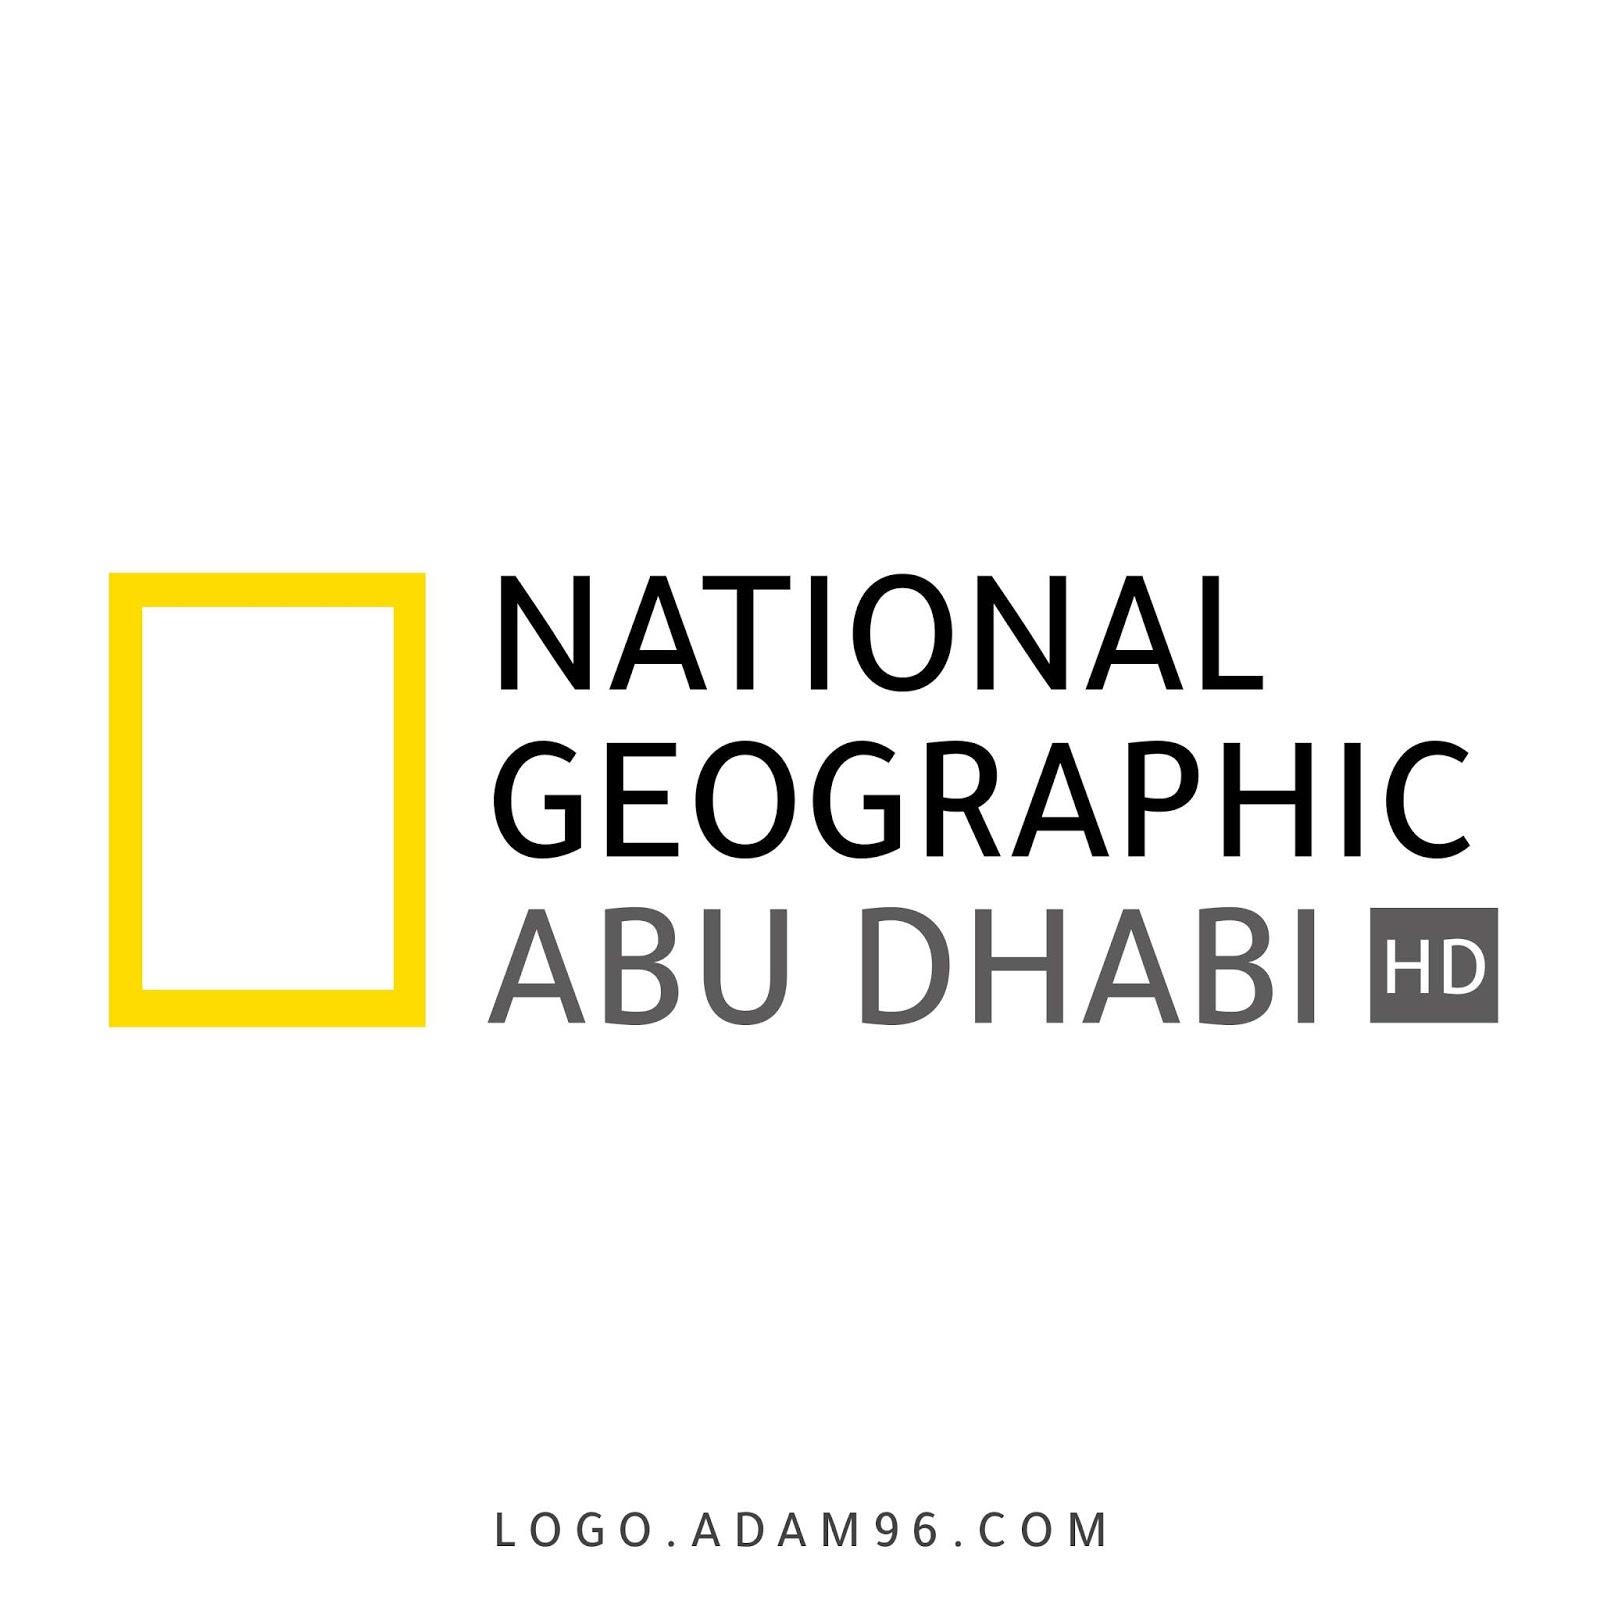 تحميل شعار ناشيونال جيوجرافيك | National Geographic